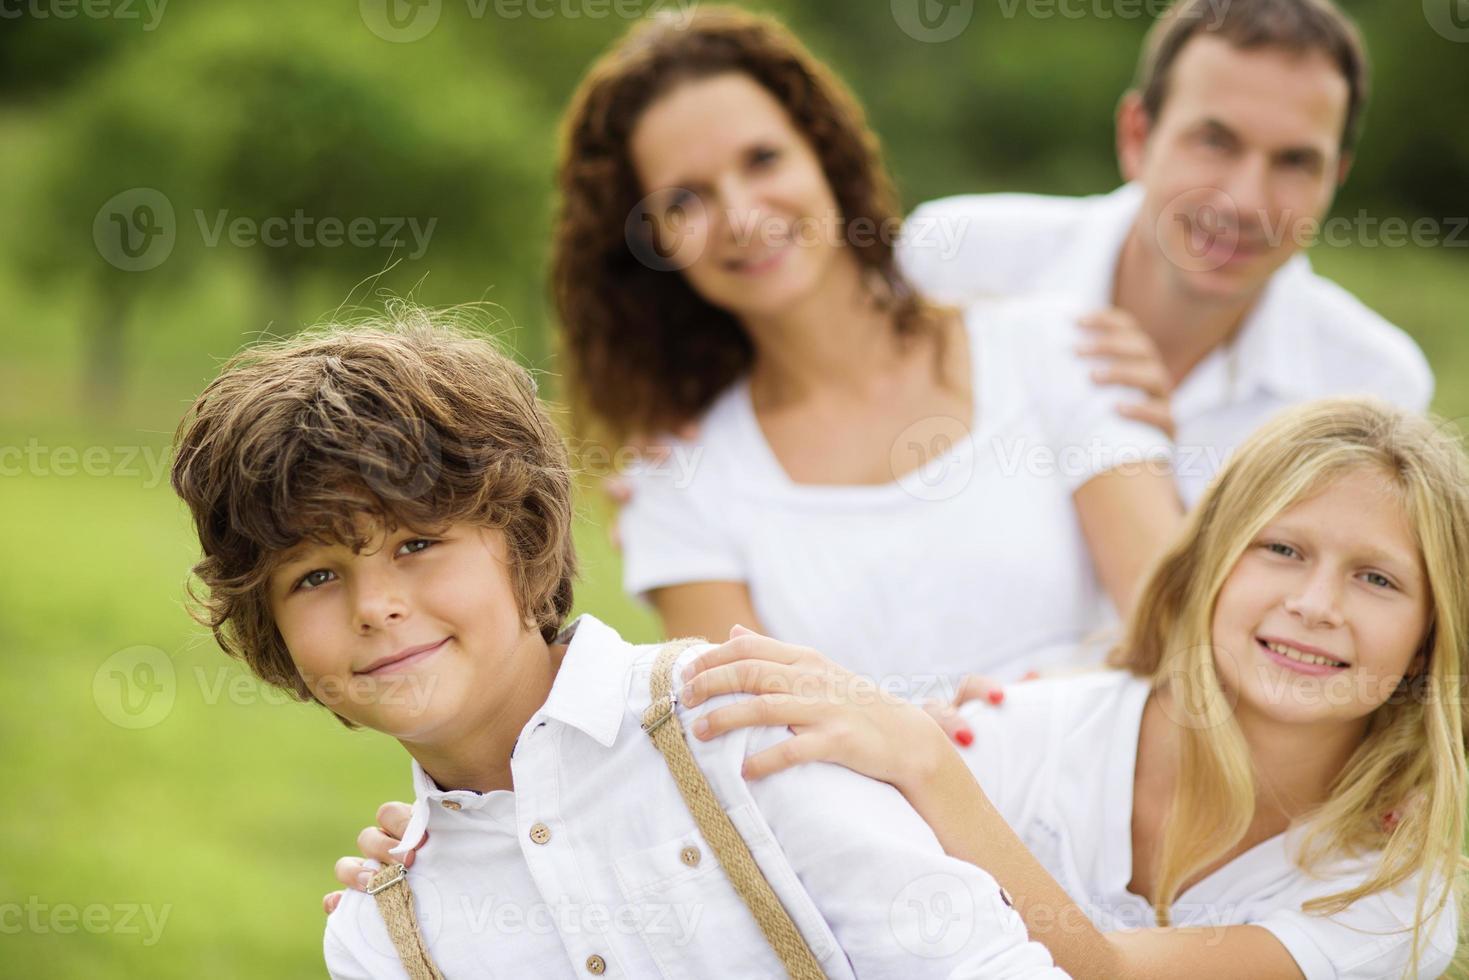 stor familj kopplar av i grön natur foto